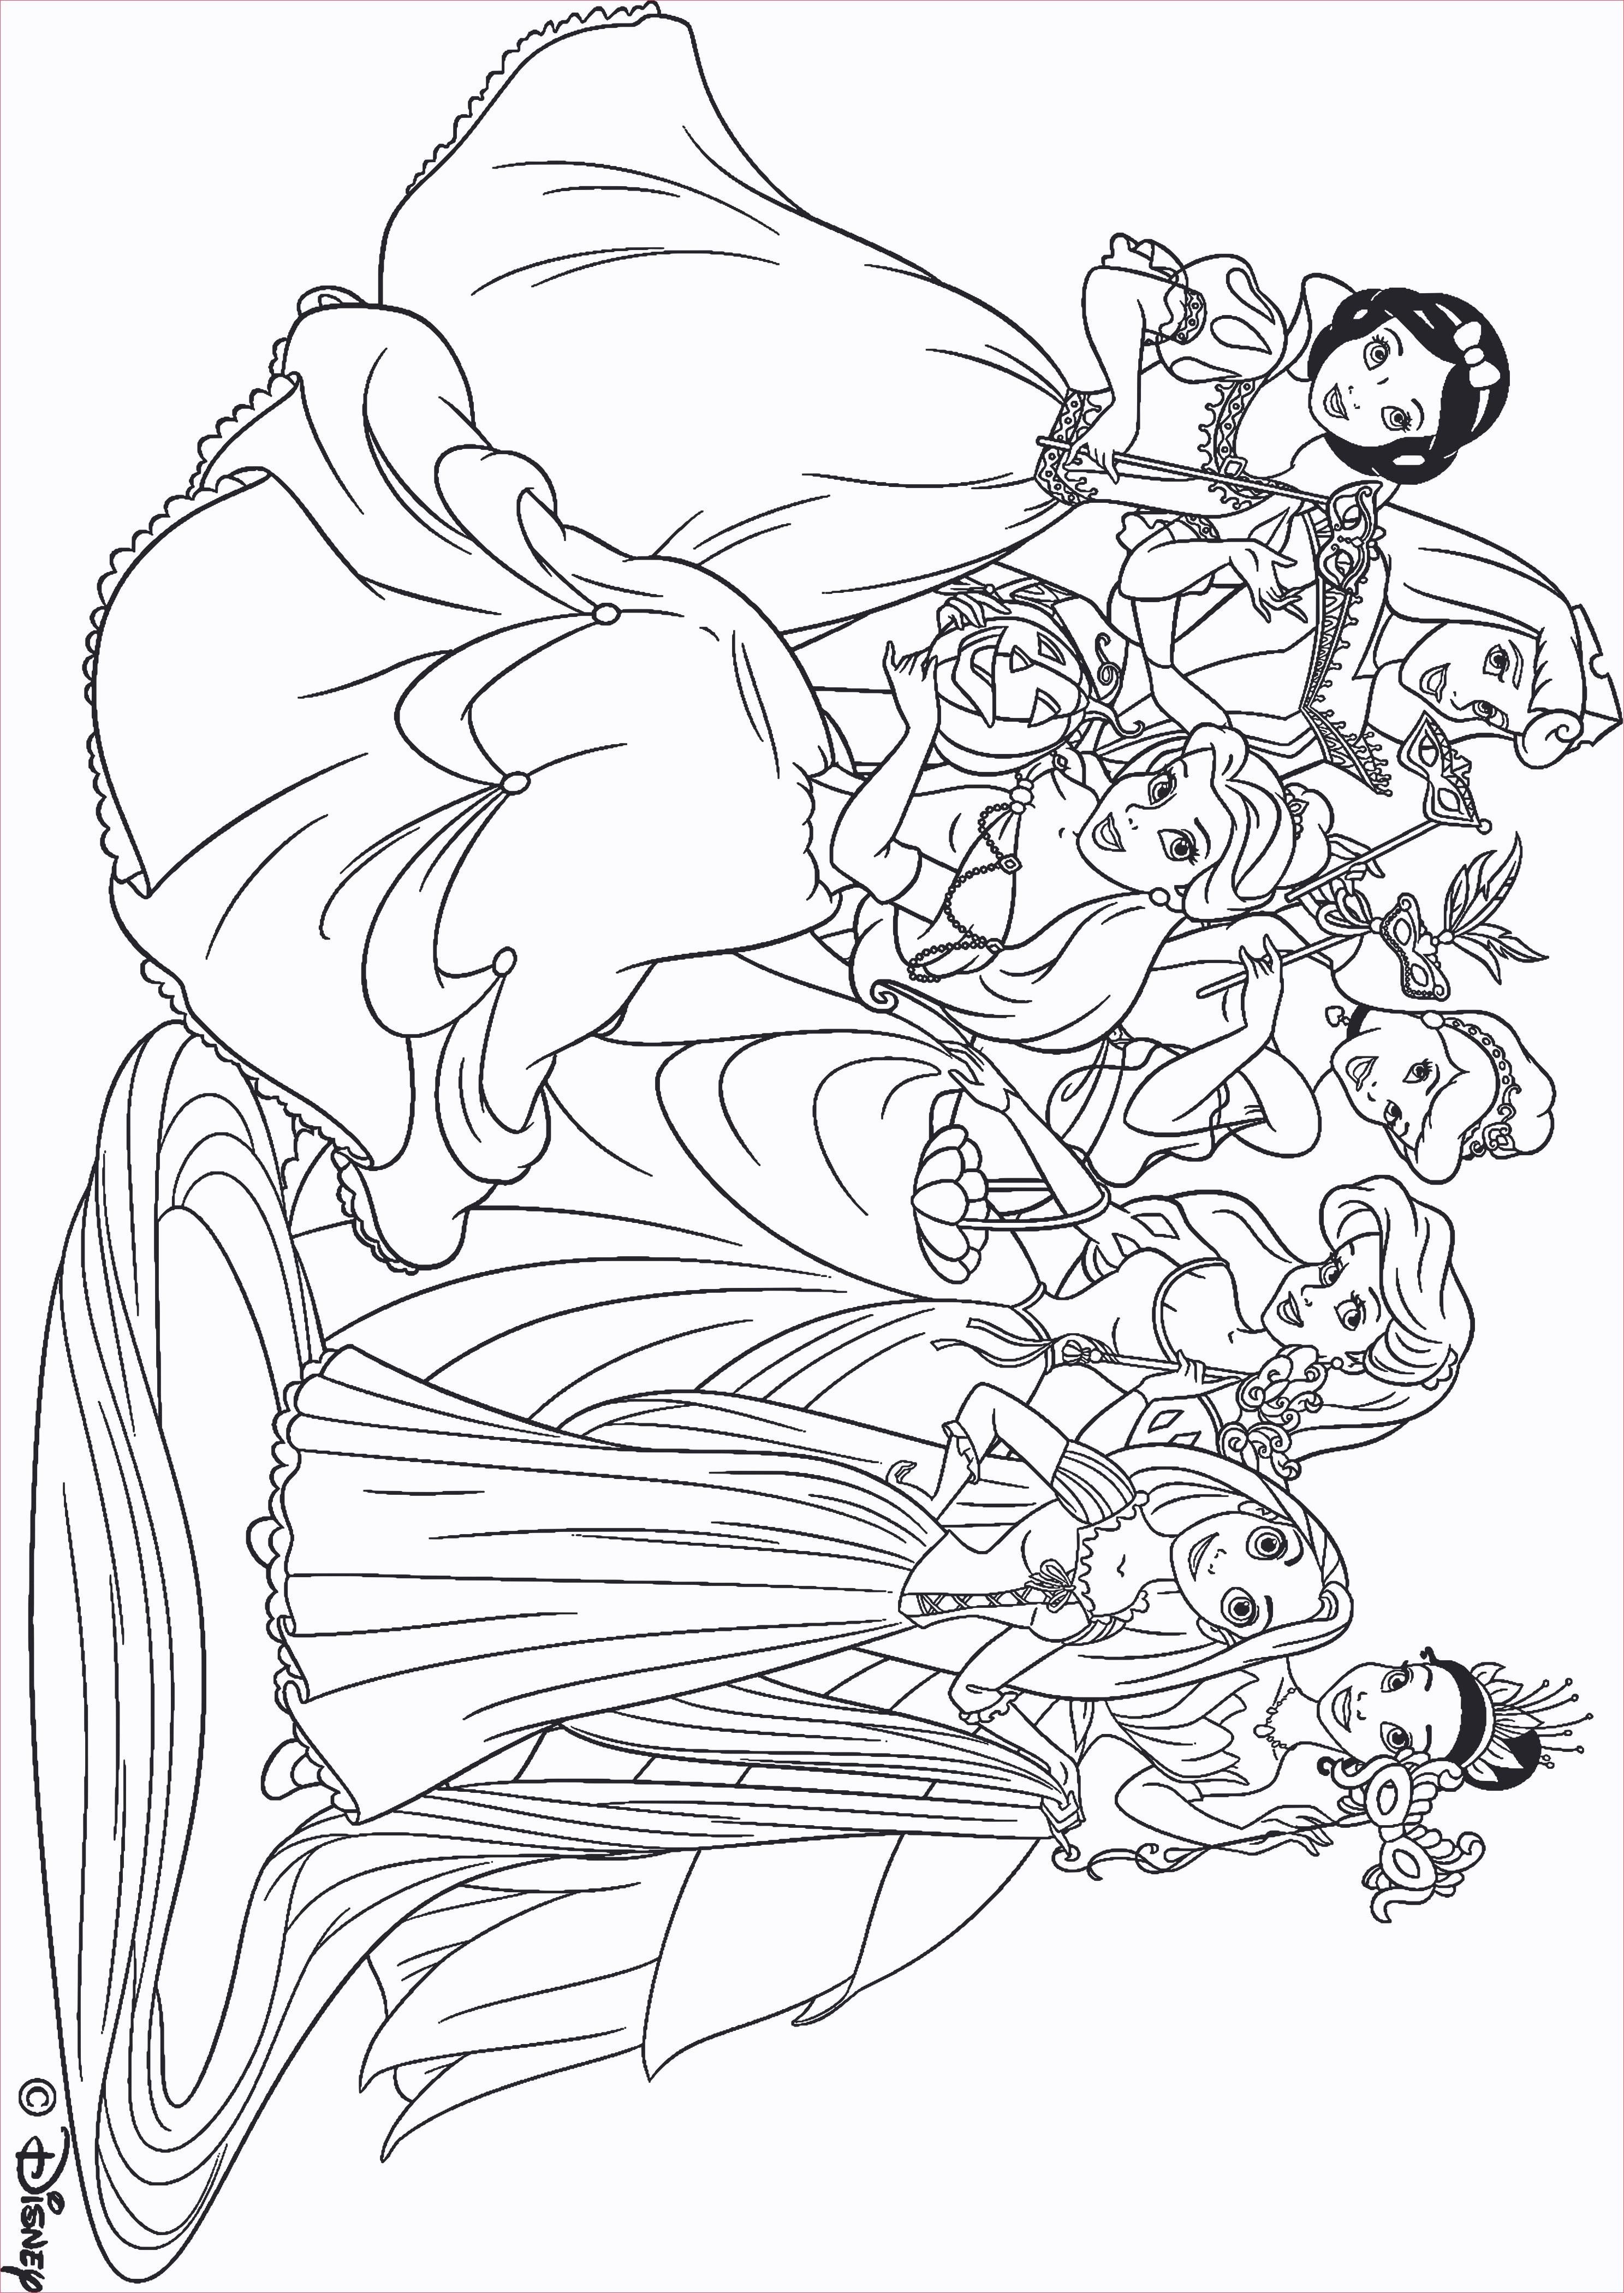 Malvorlage St Martin Einzigartig St Martin Ausmalbilder Model Designs 37 Disney Ausmalbilder Zum Stock